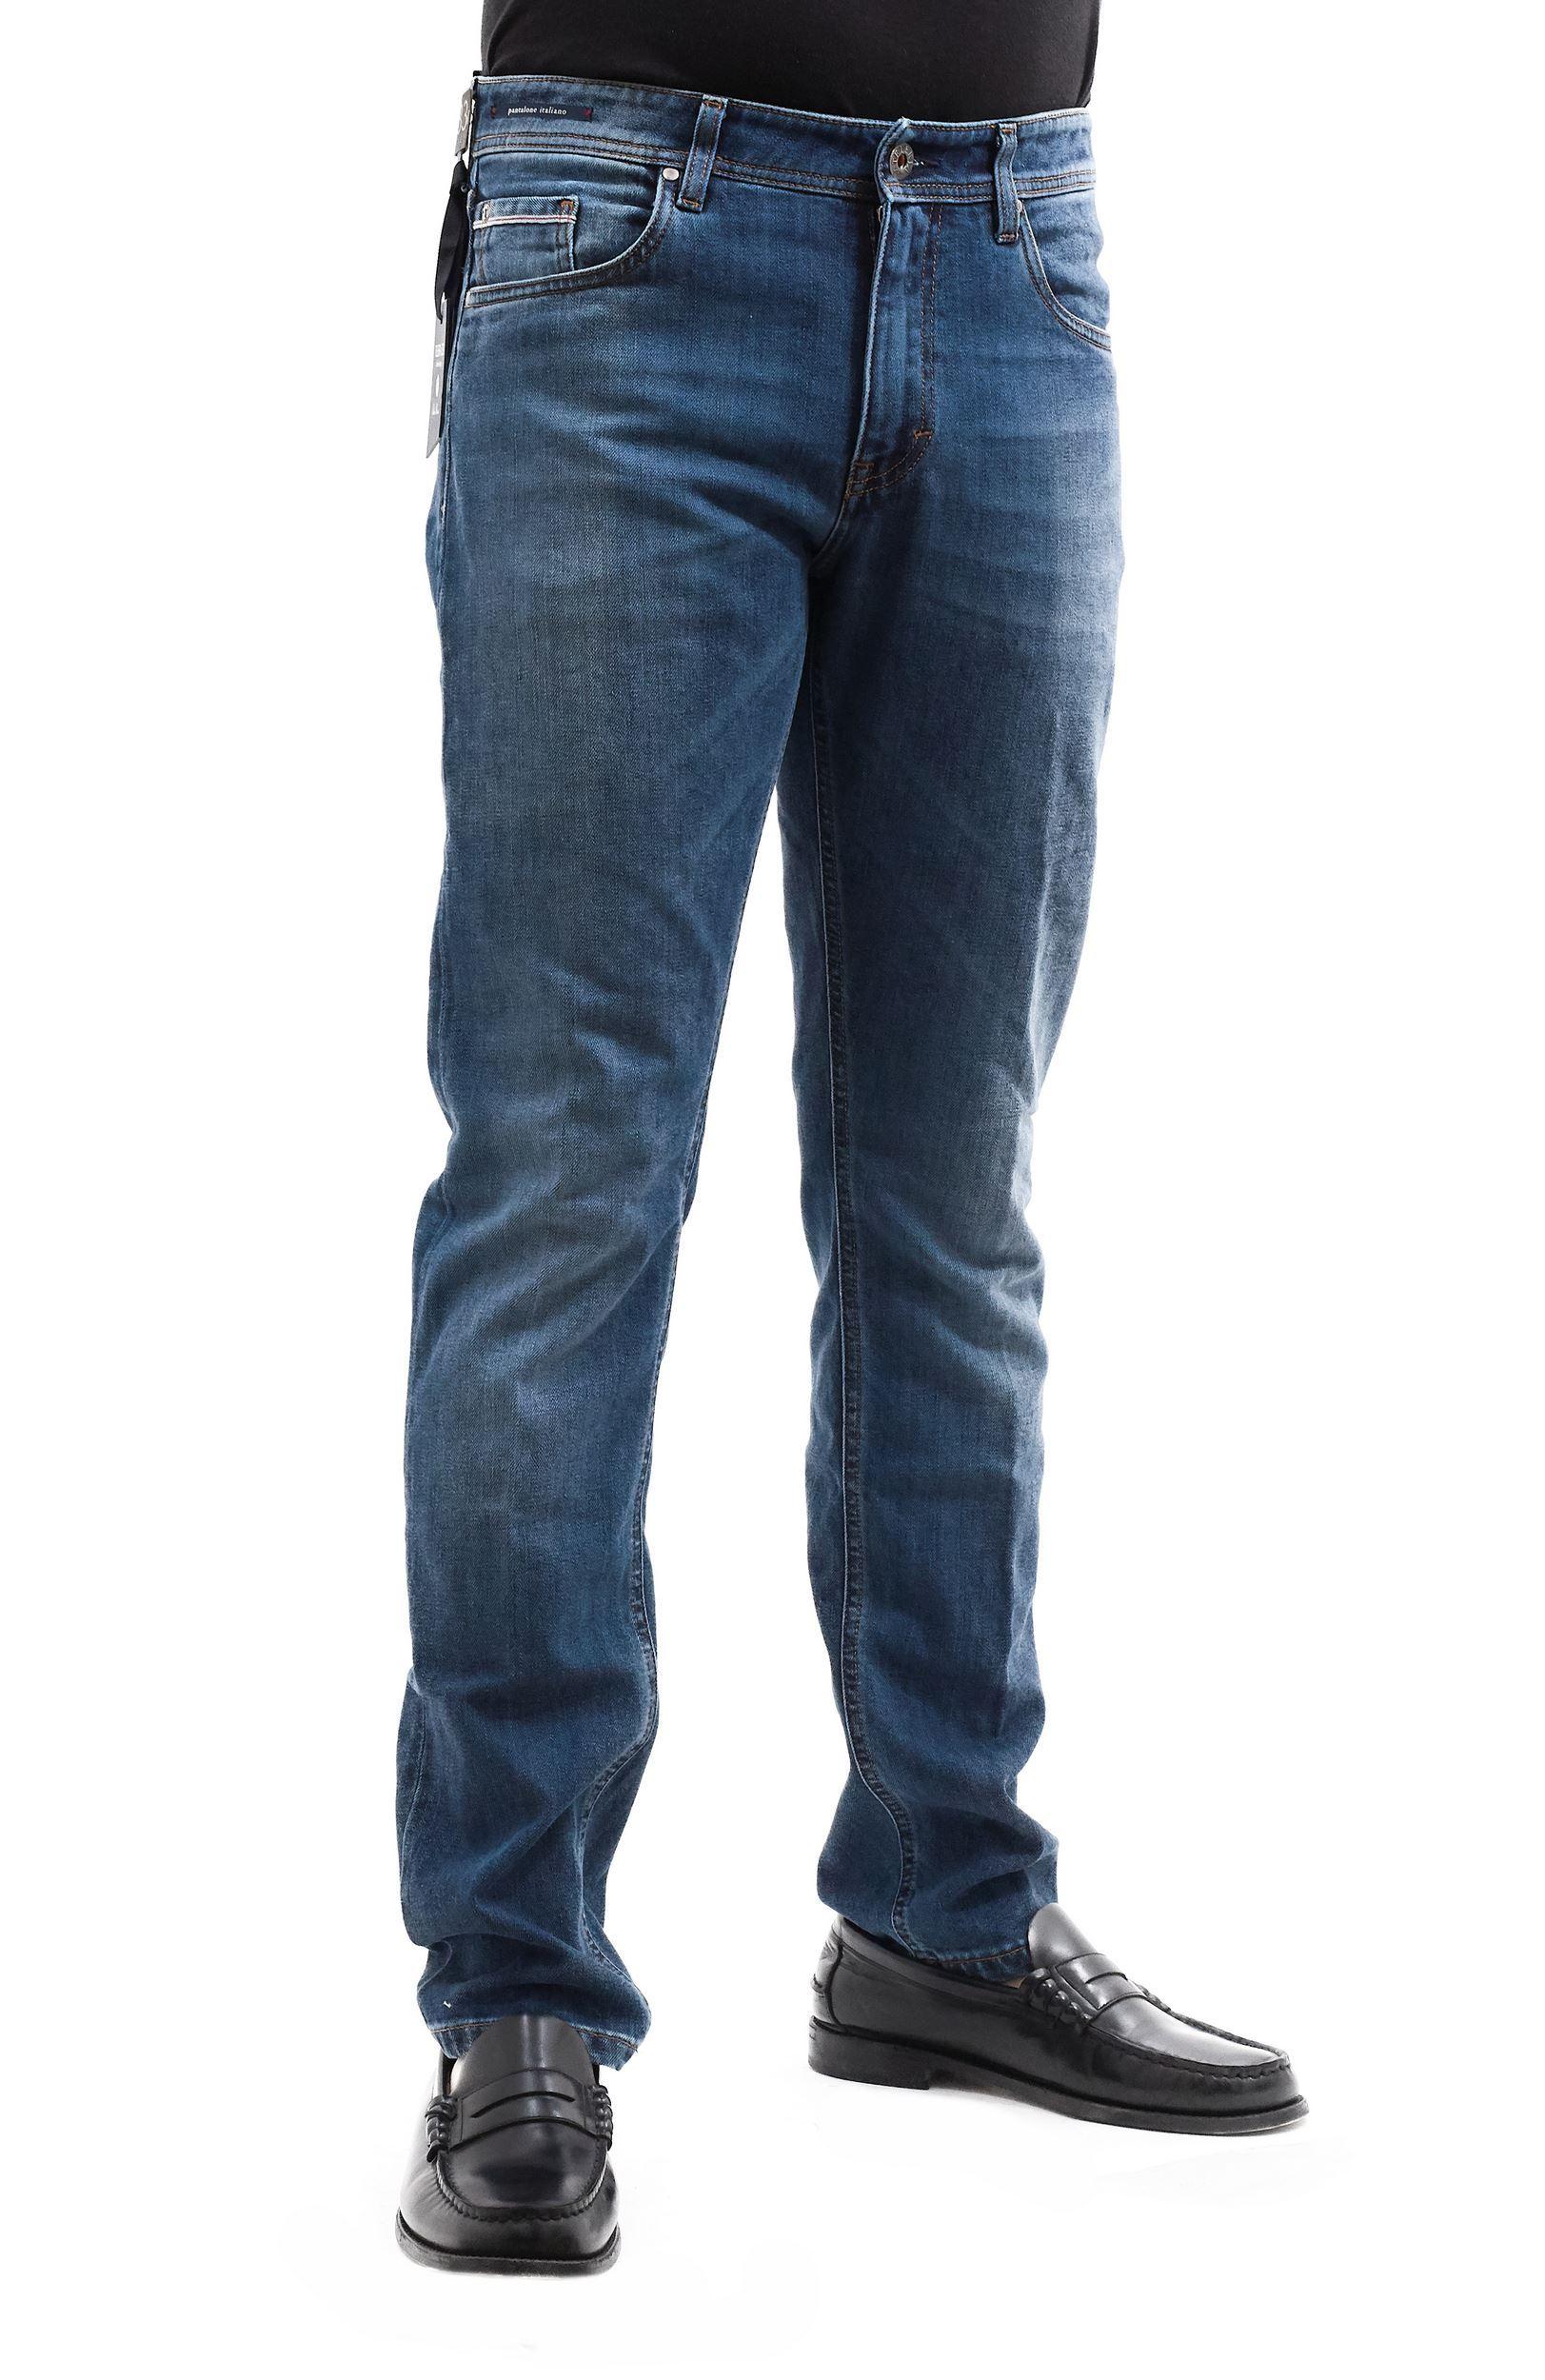 Immagine di Pantalone Jeans 5 tasche